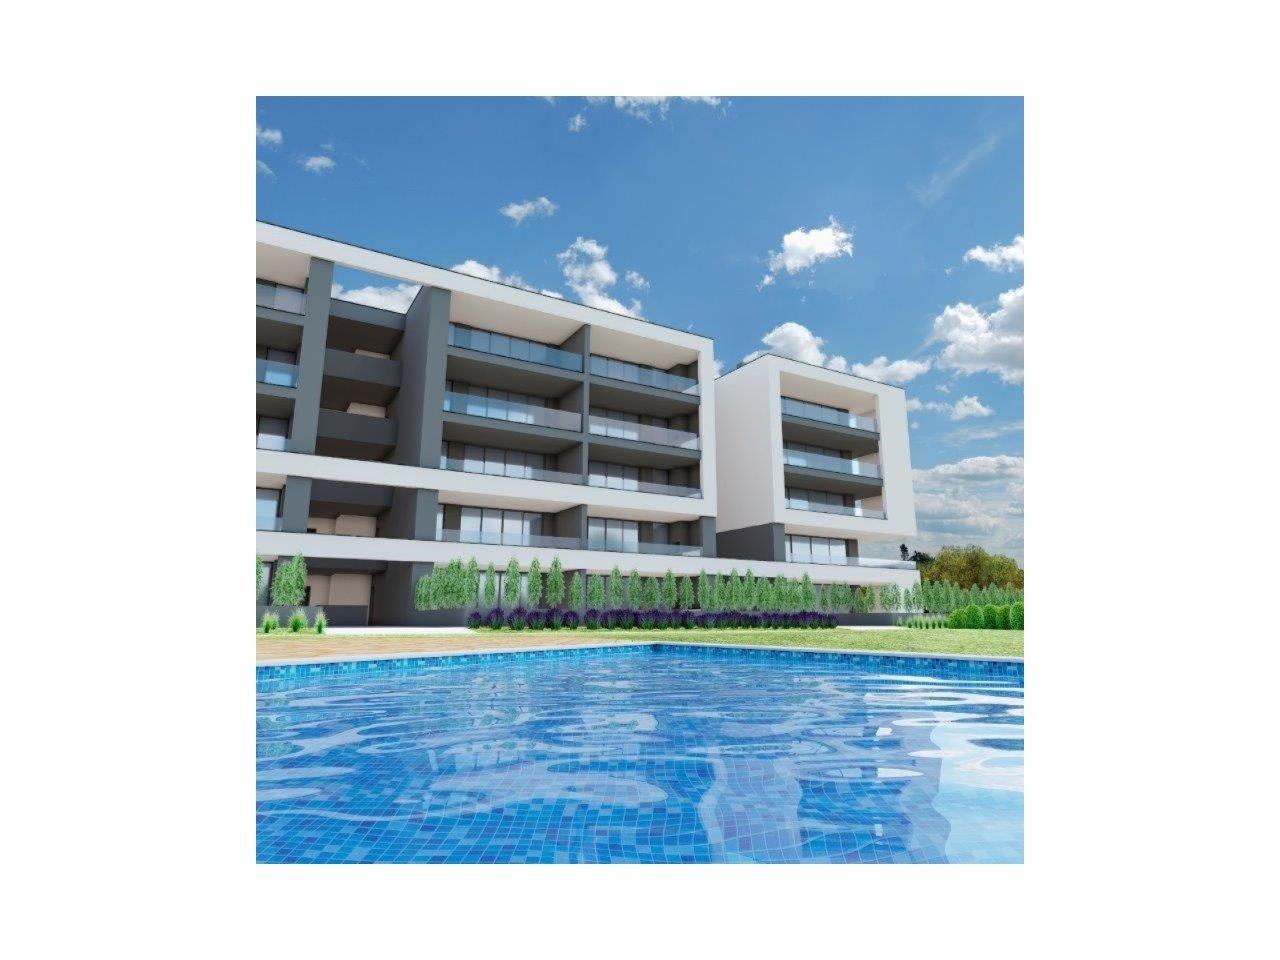 4 Bedroom Apartment Portimao, Western Algarve Ref: AAA54